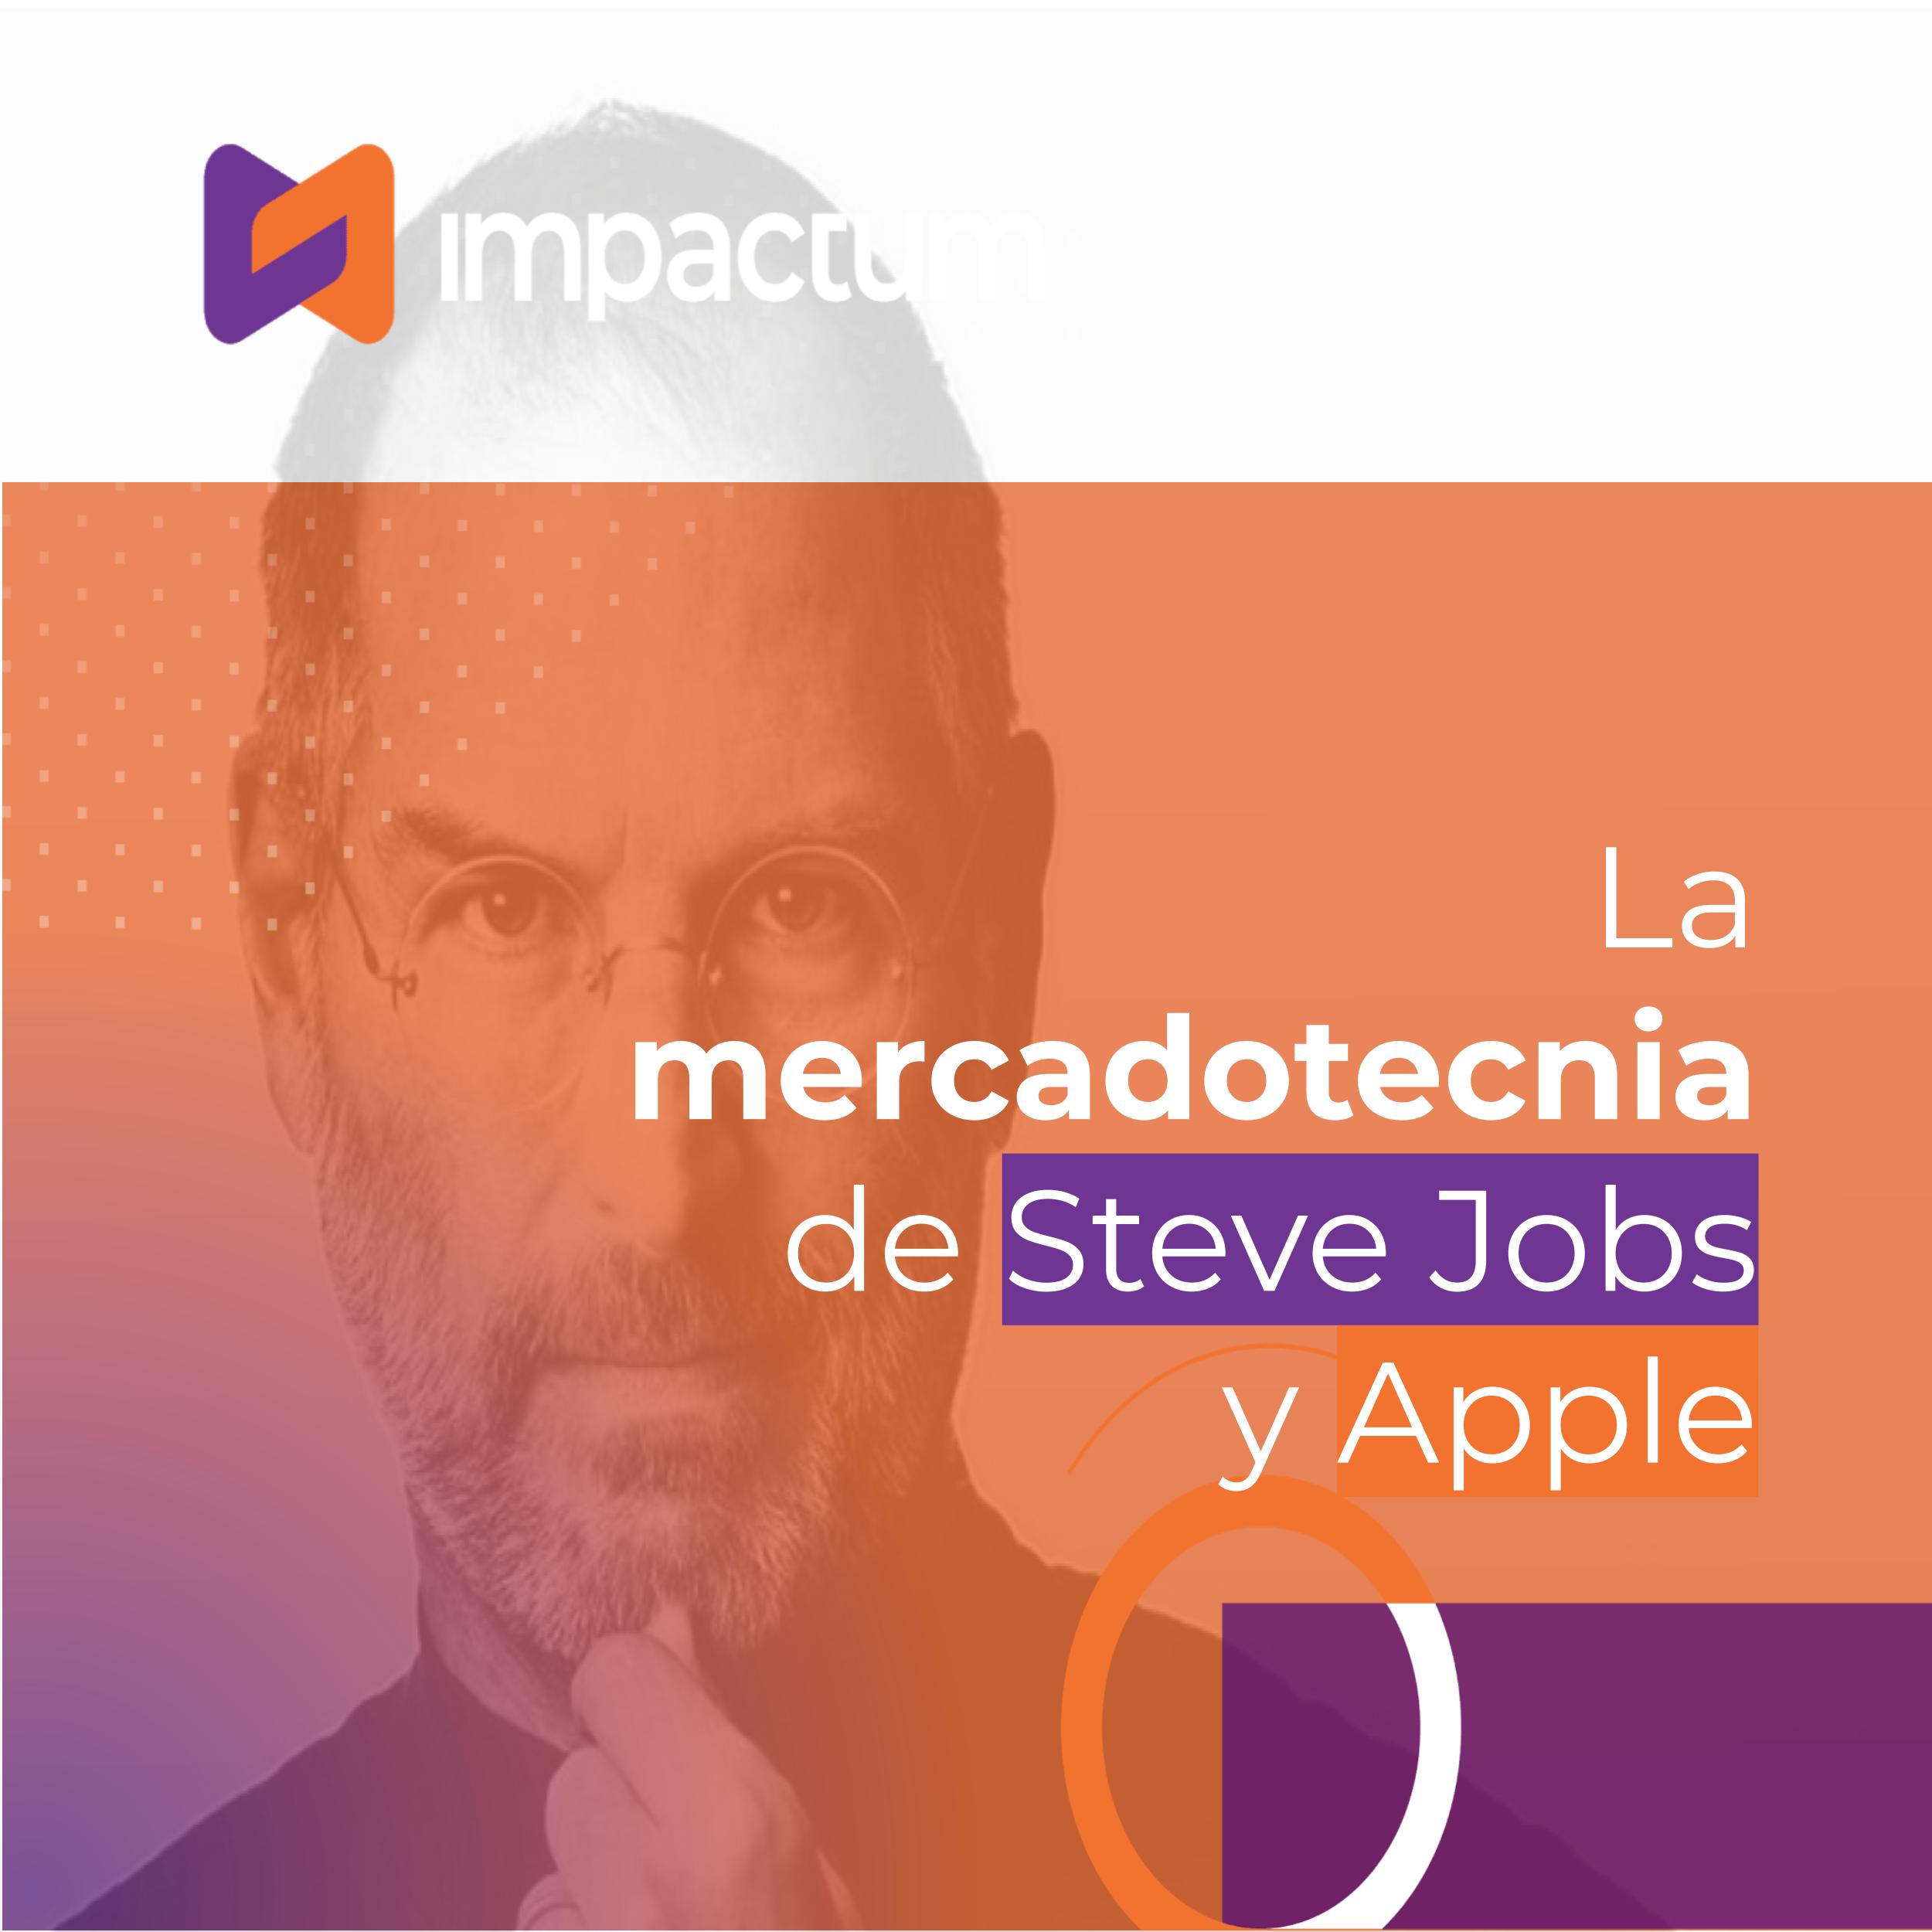 La mercadotecnia de Steve Jobs y Apple